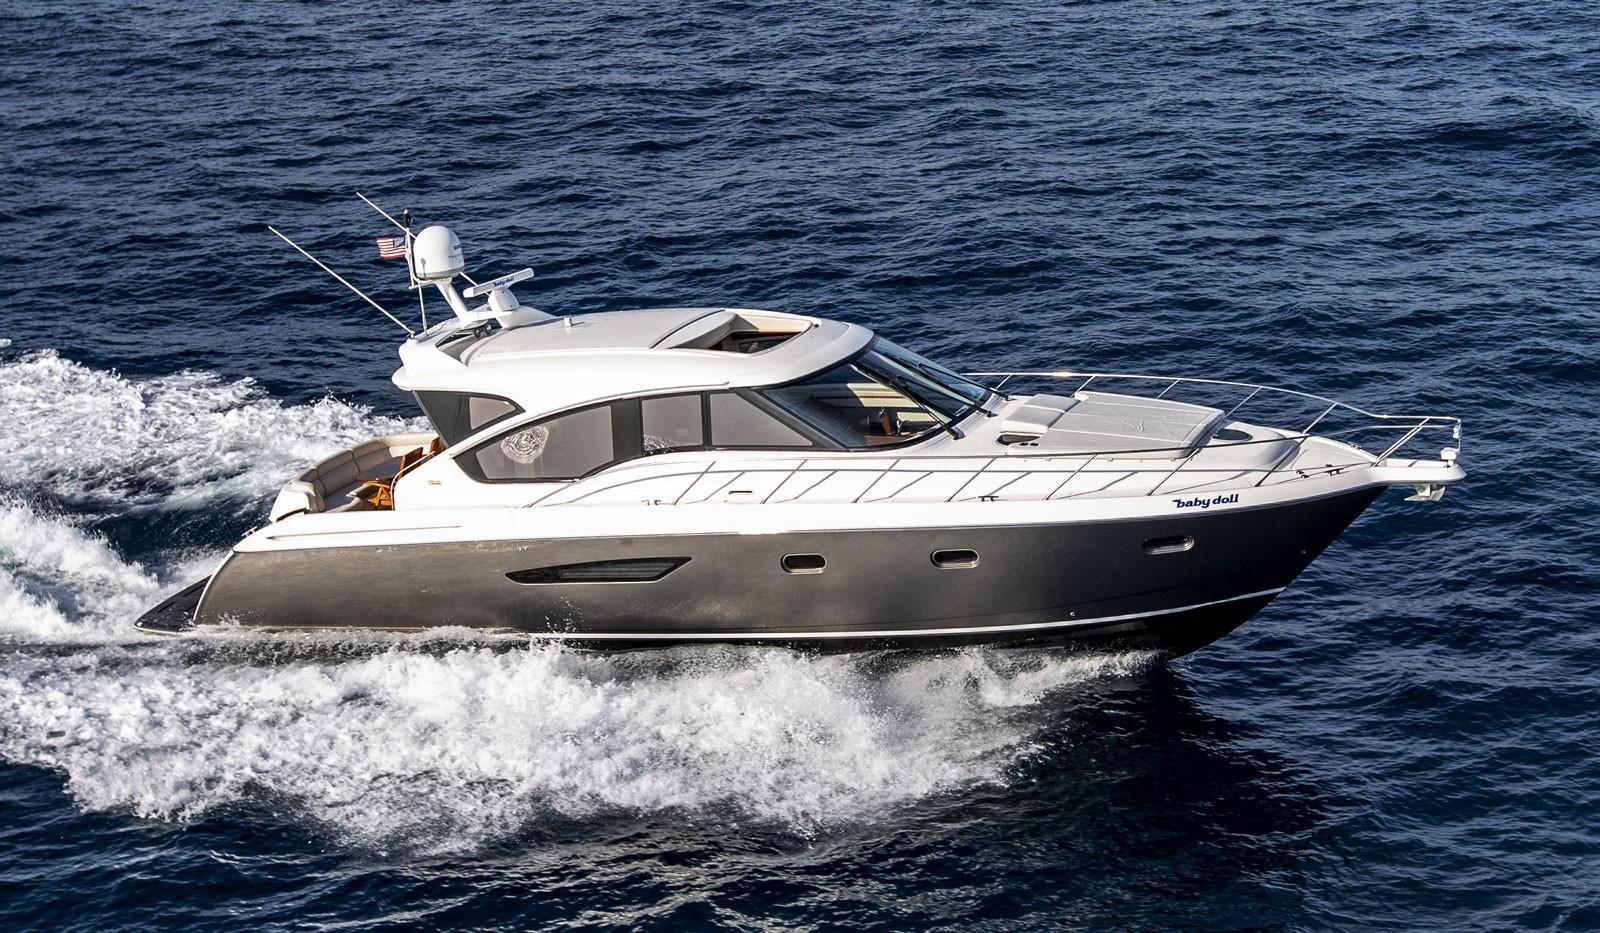 58 ft Tiara 5800 Sovran